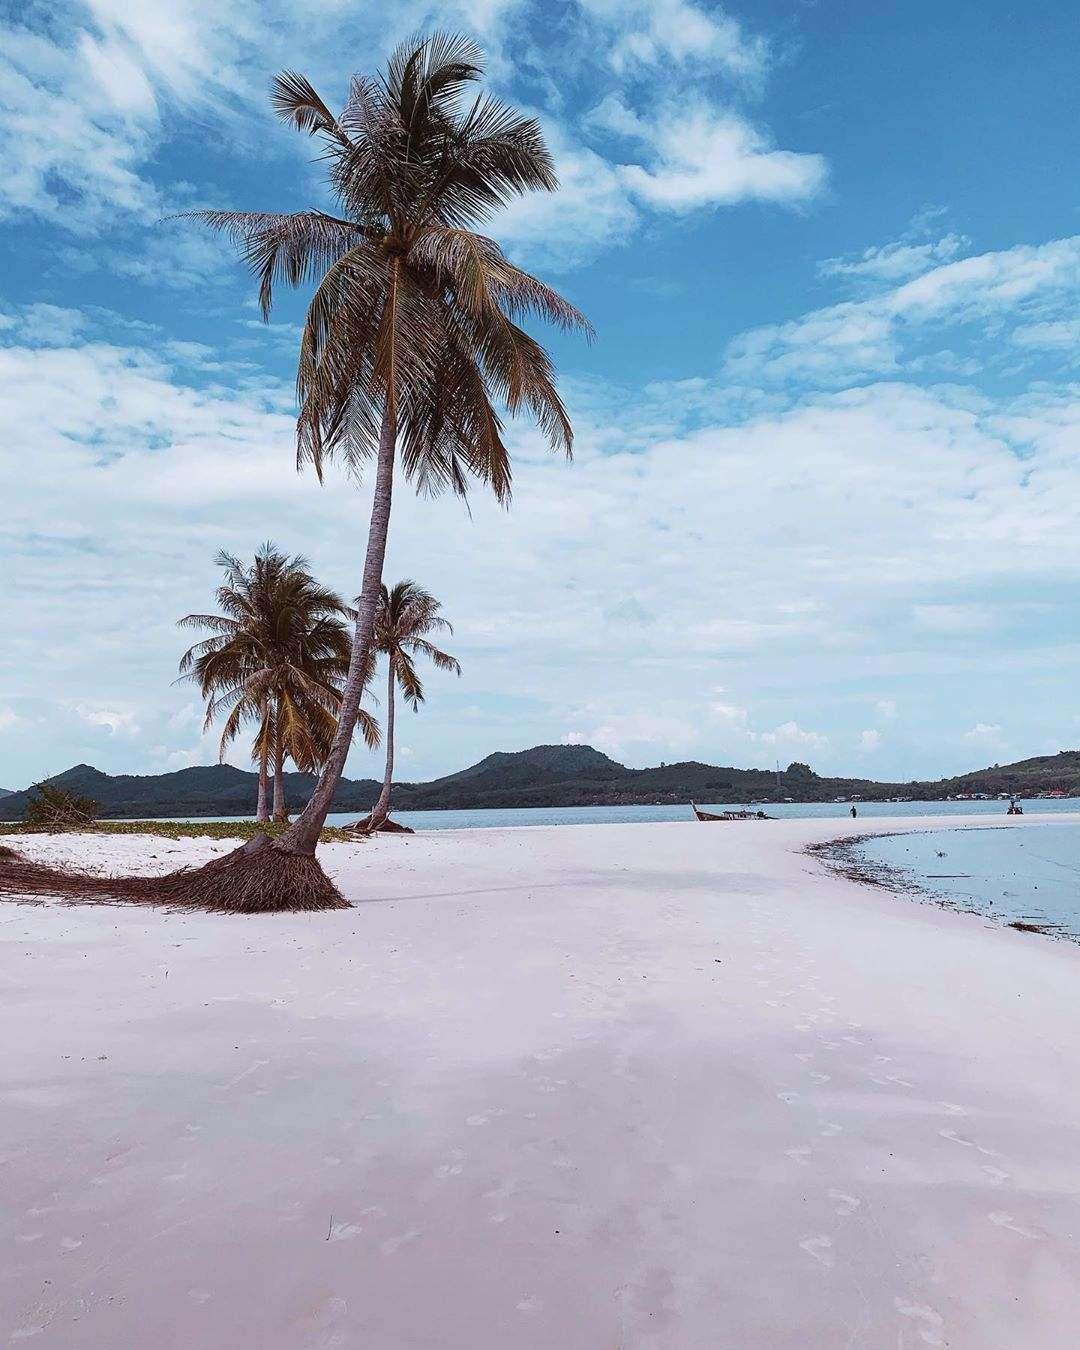 Laem Had Beach on Koh Yao Yai